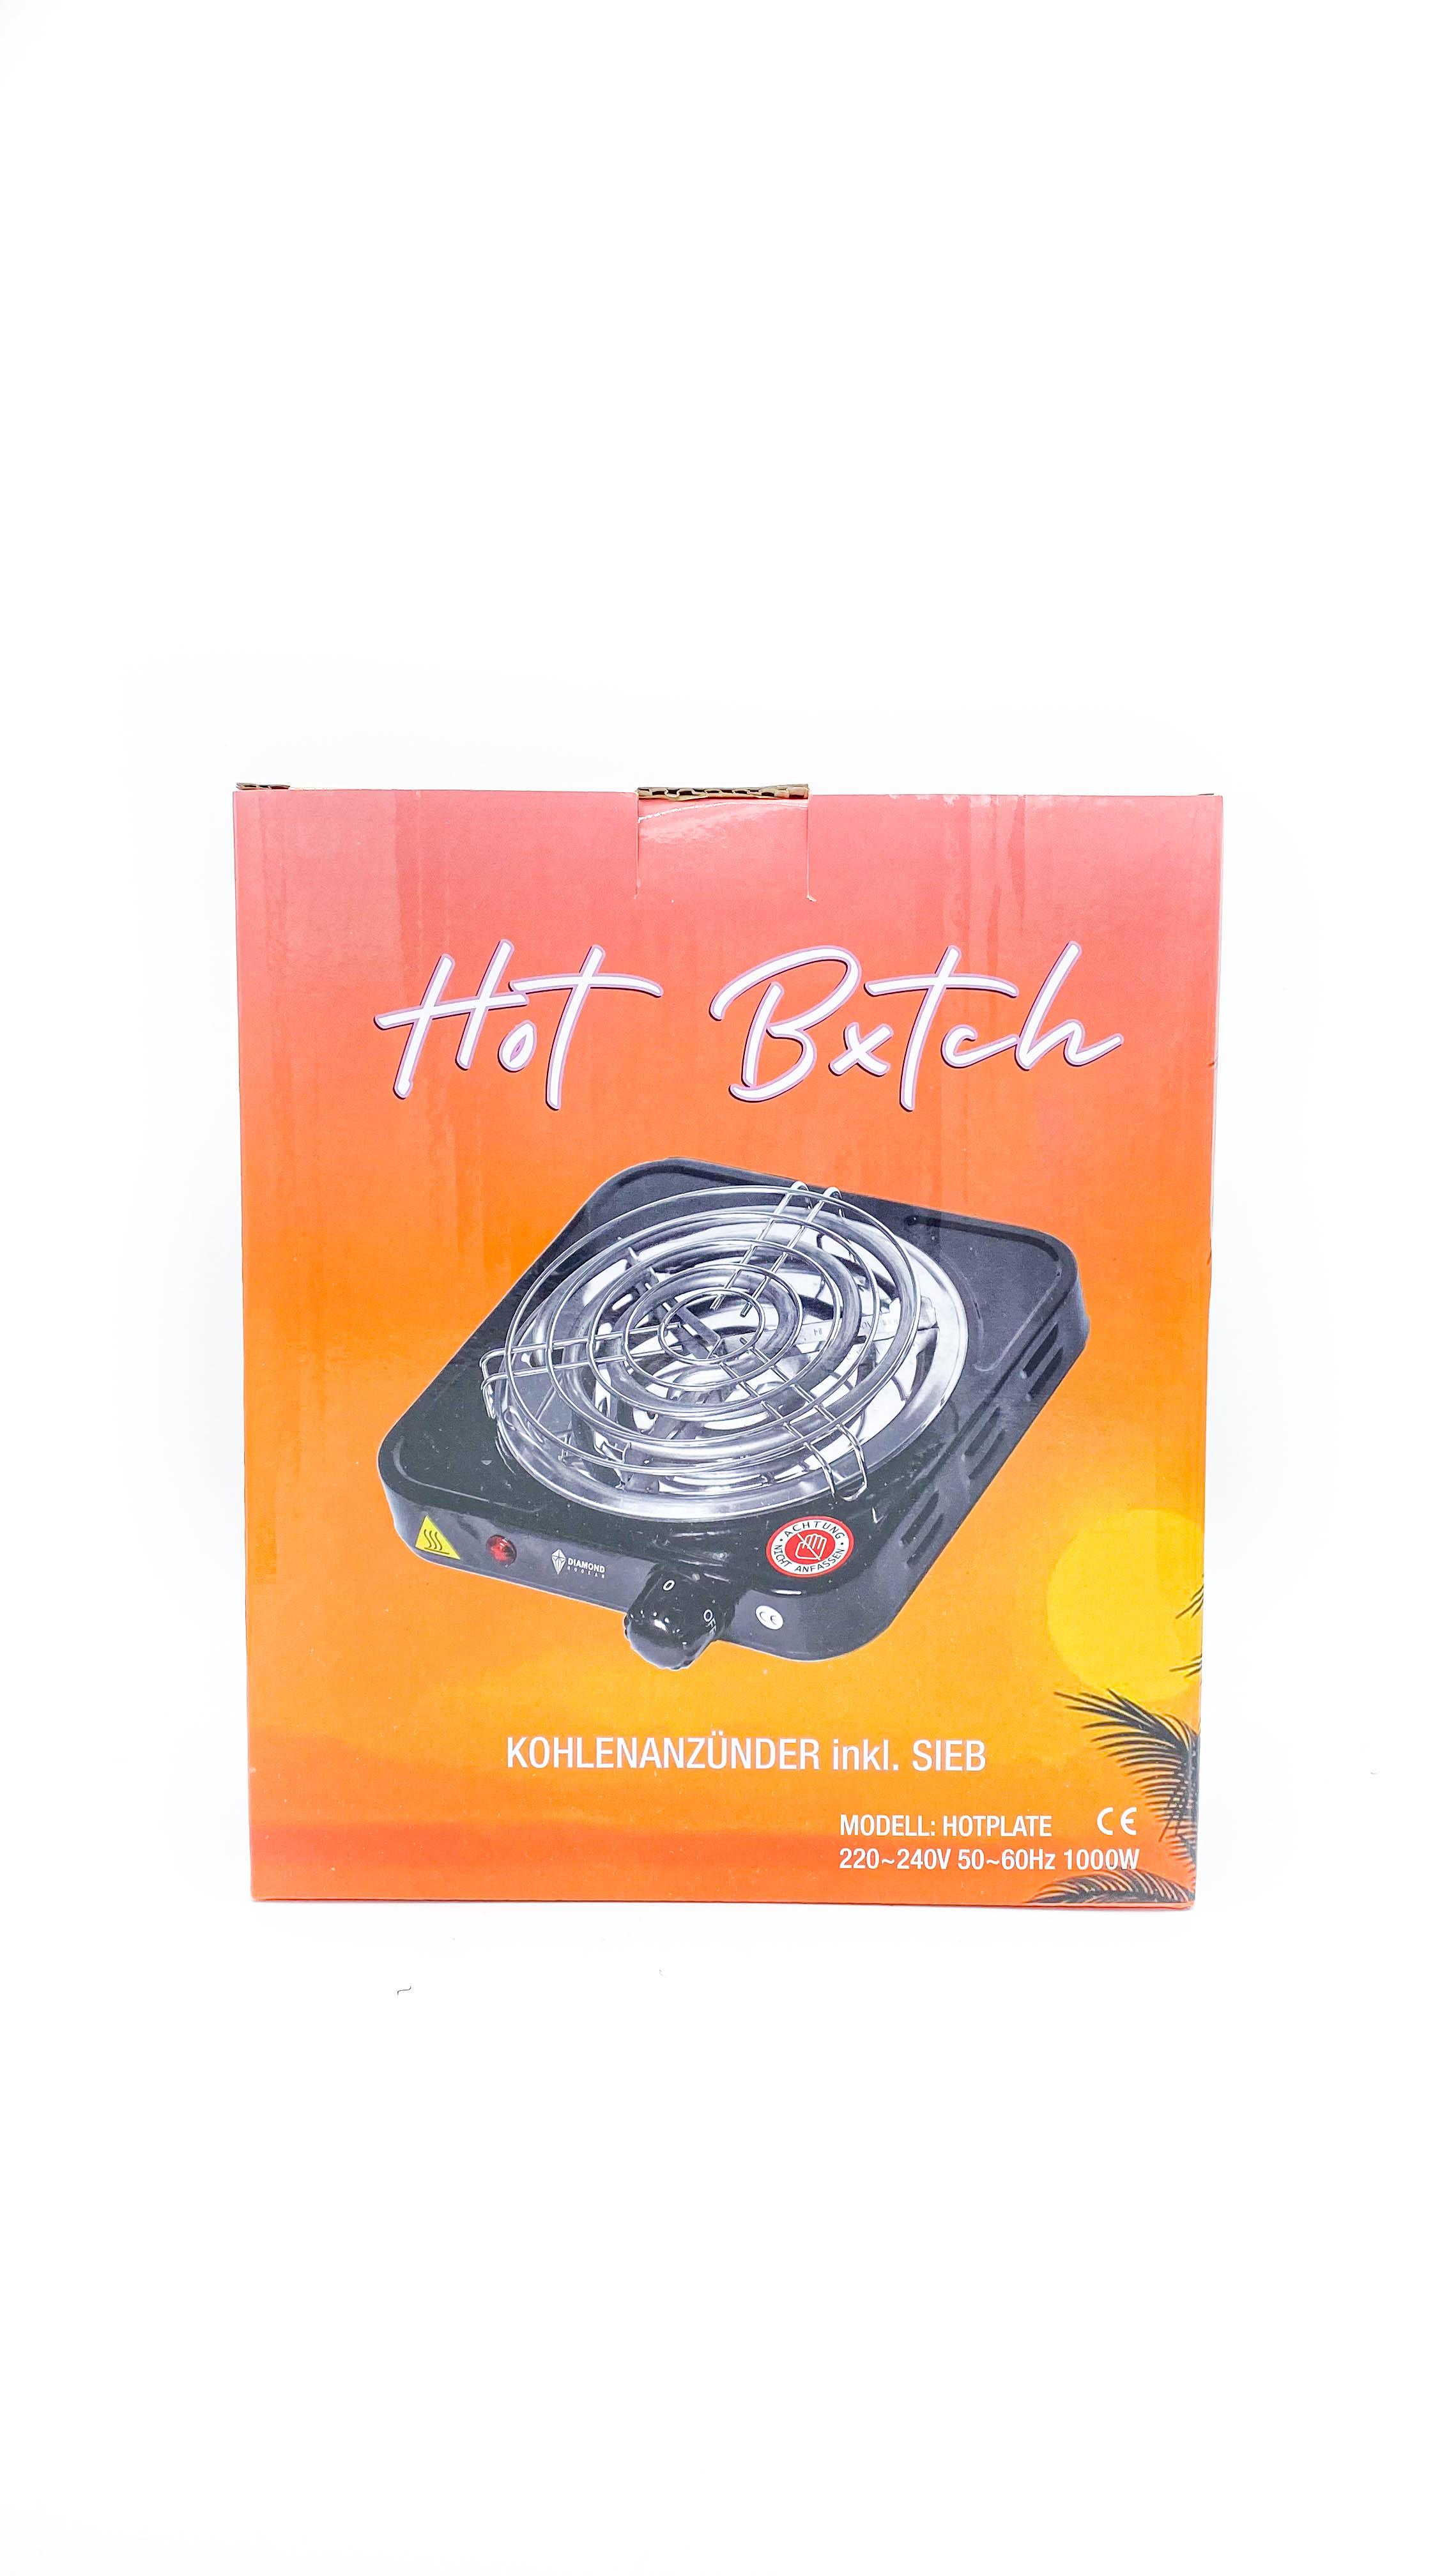 Diamond Hookah - Kohleanzünder Hotbxtch 1000W